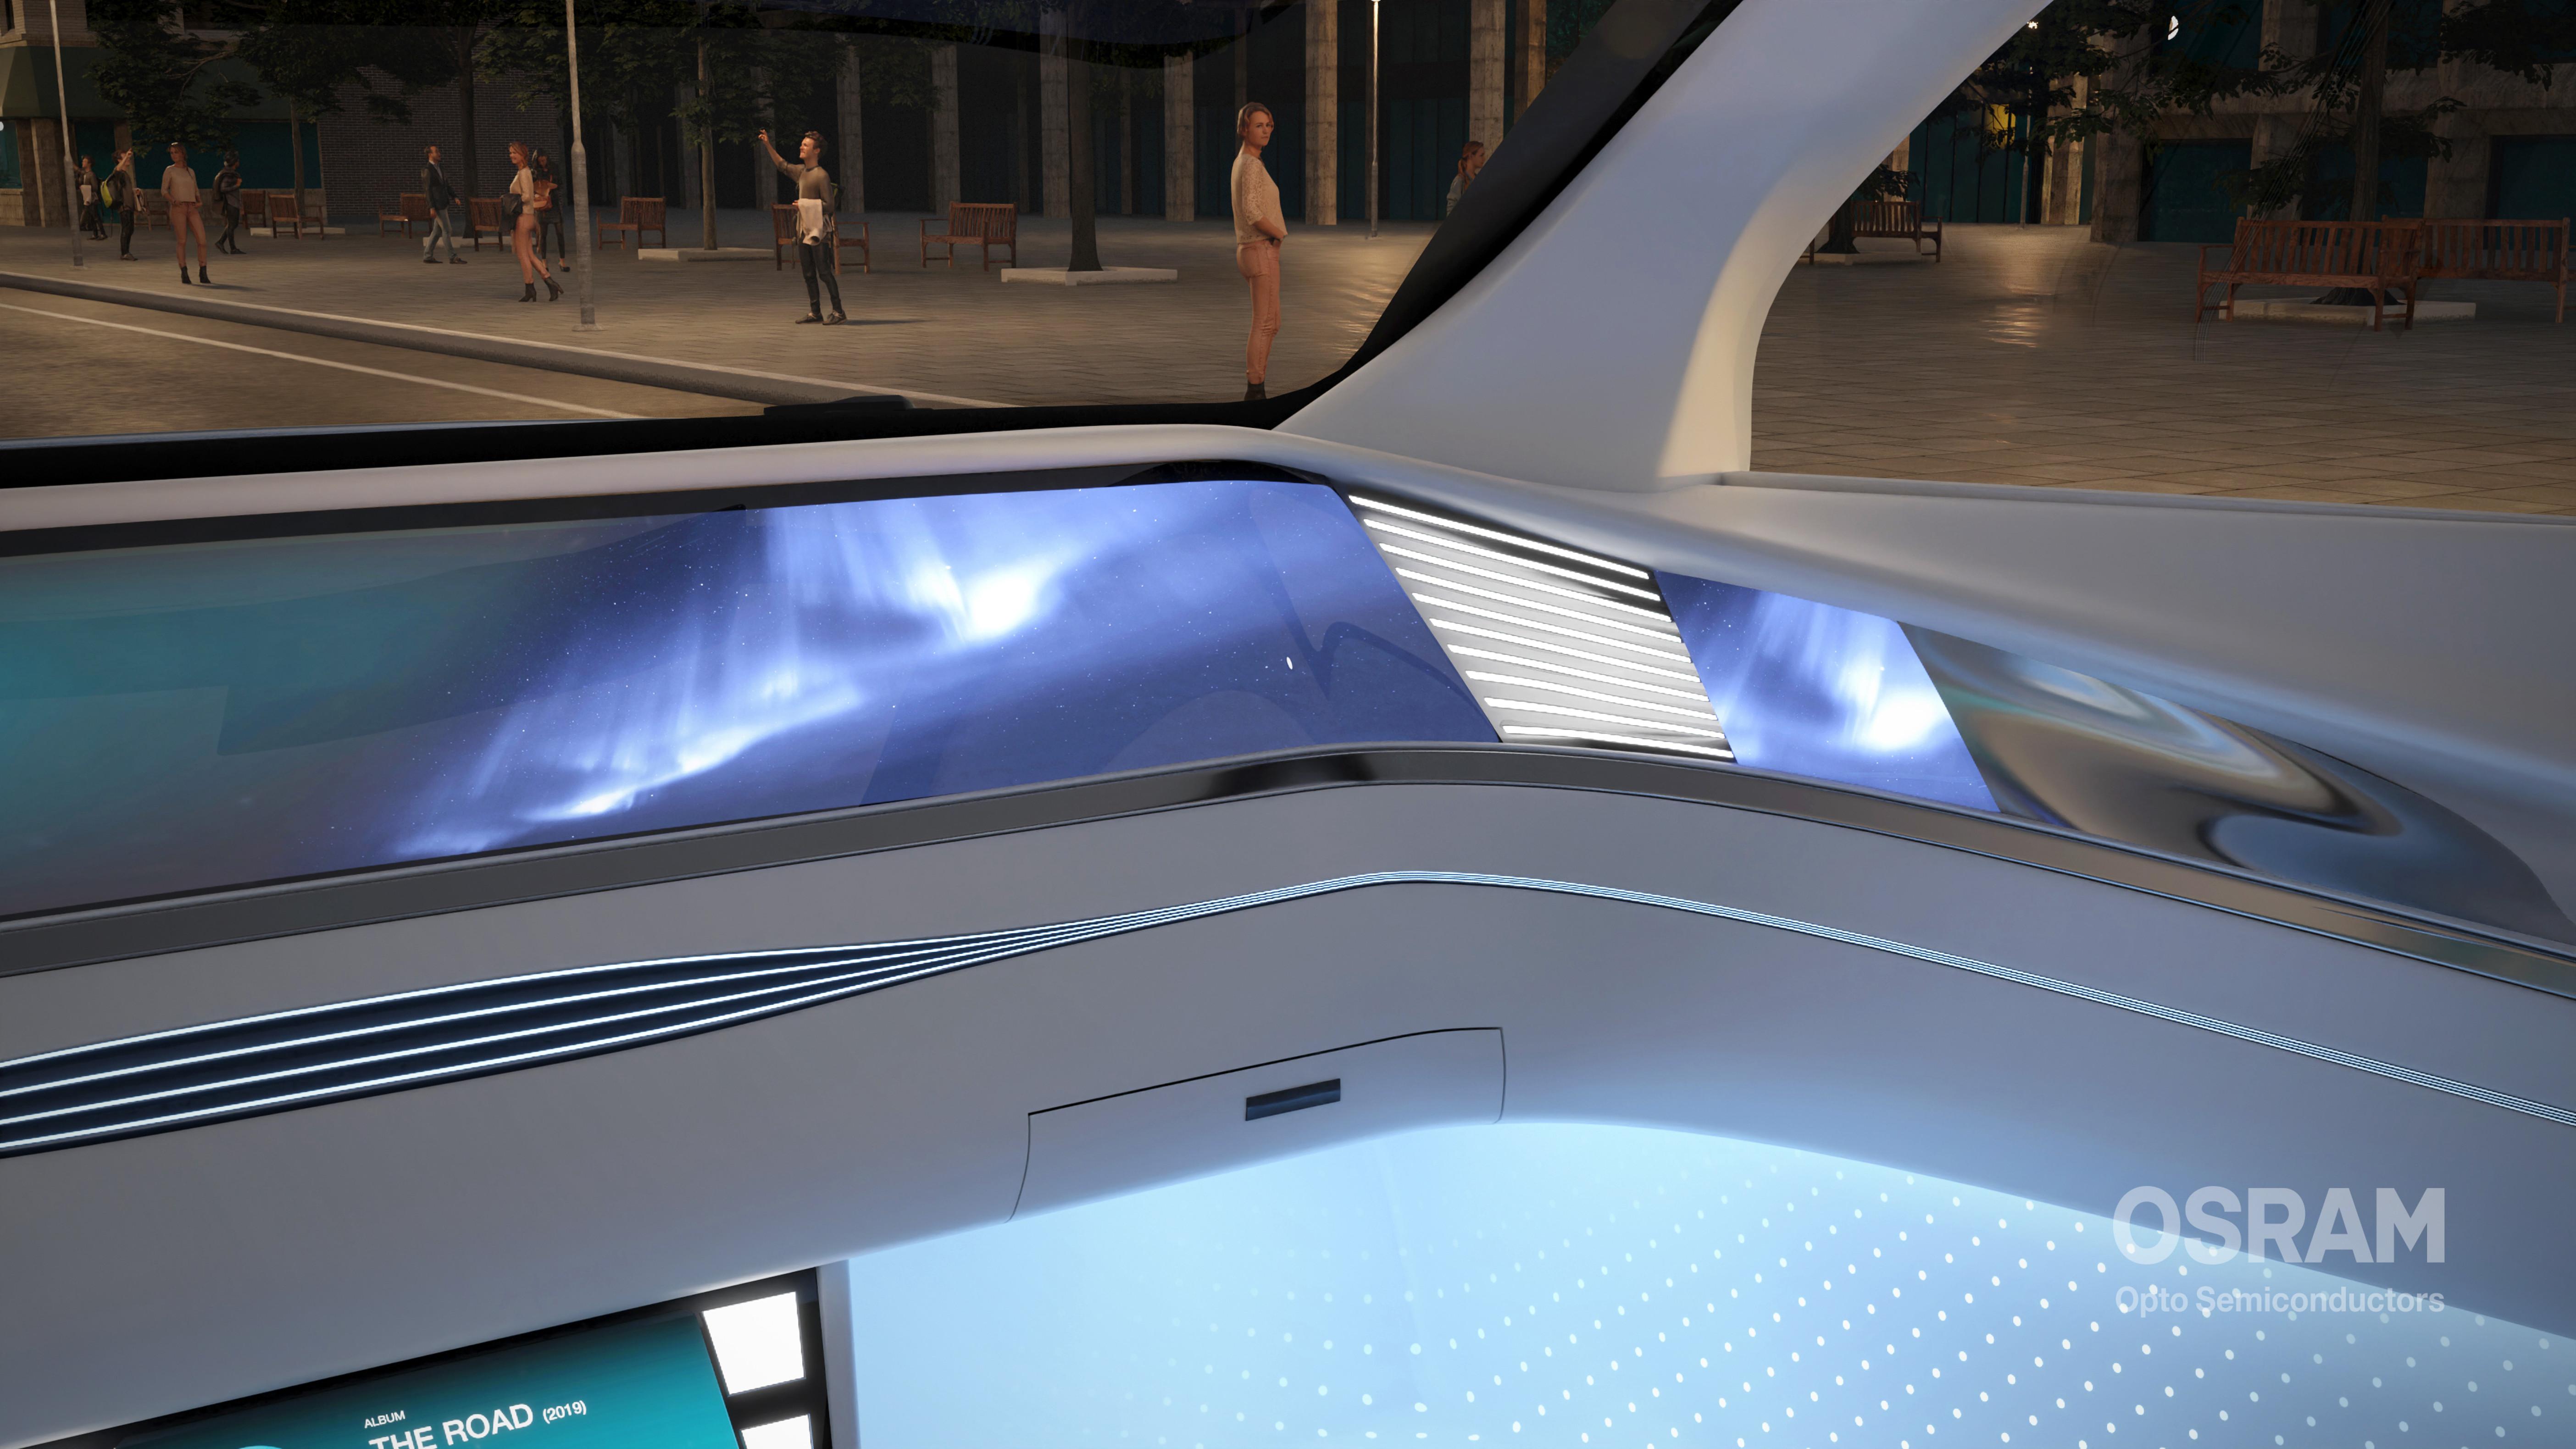 把驾驶室变成移动生活空间  欧司朗推出汽车环境照明Ostune LED系列